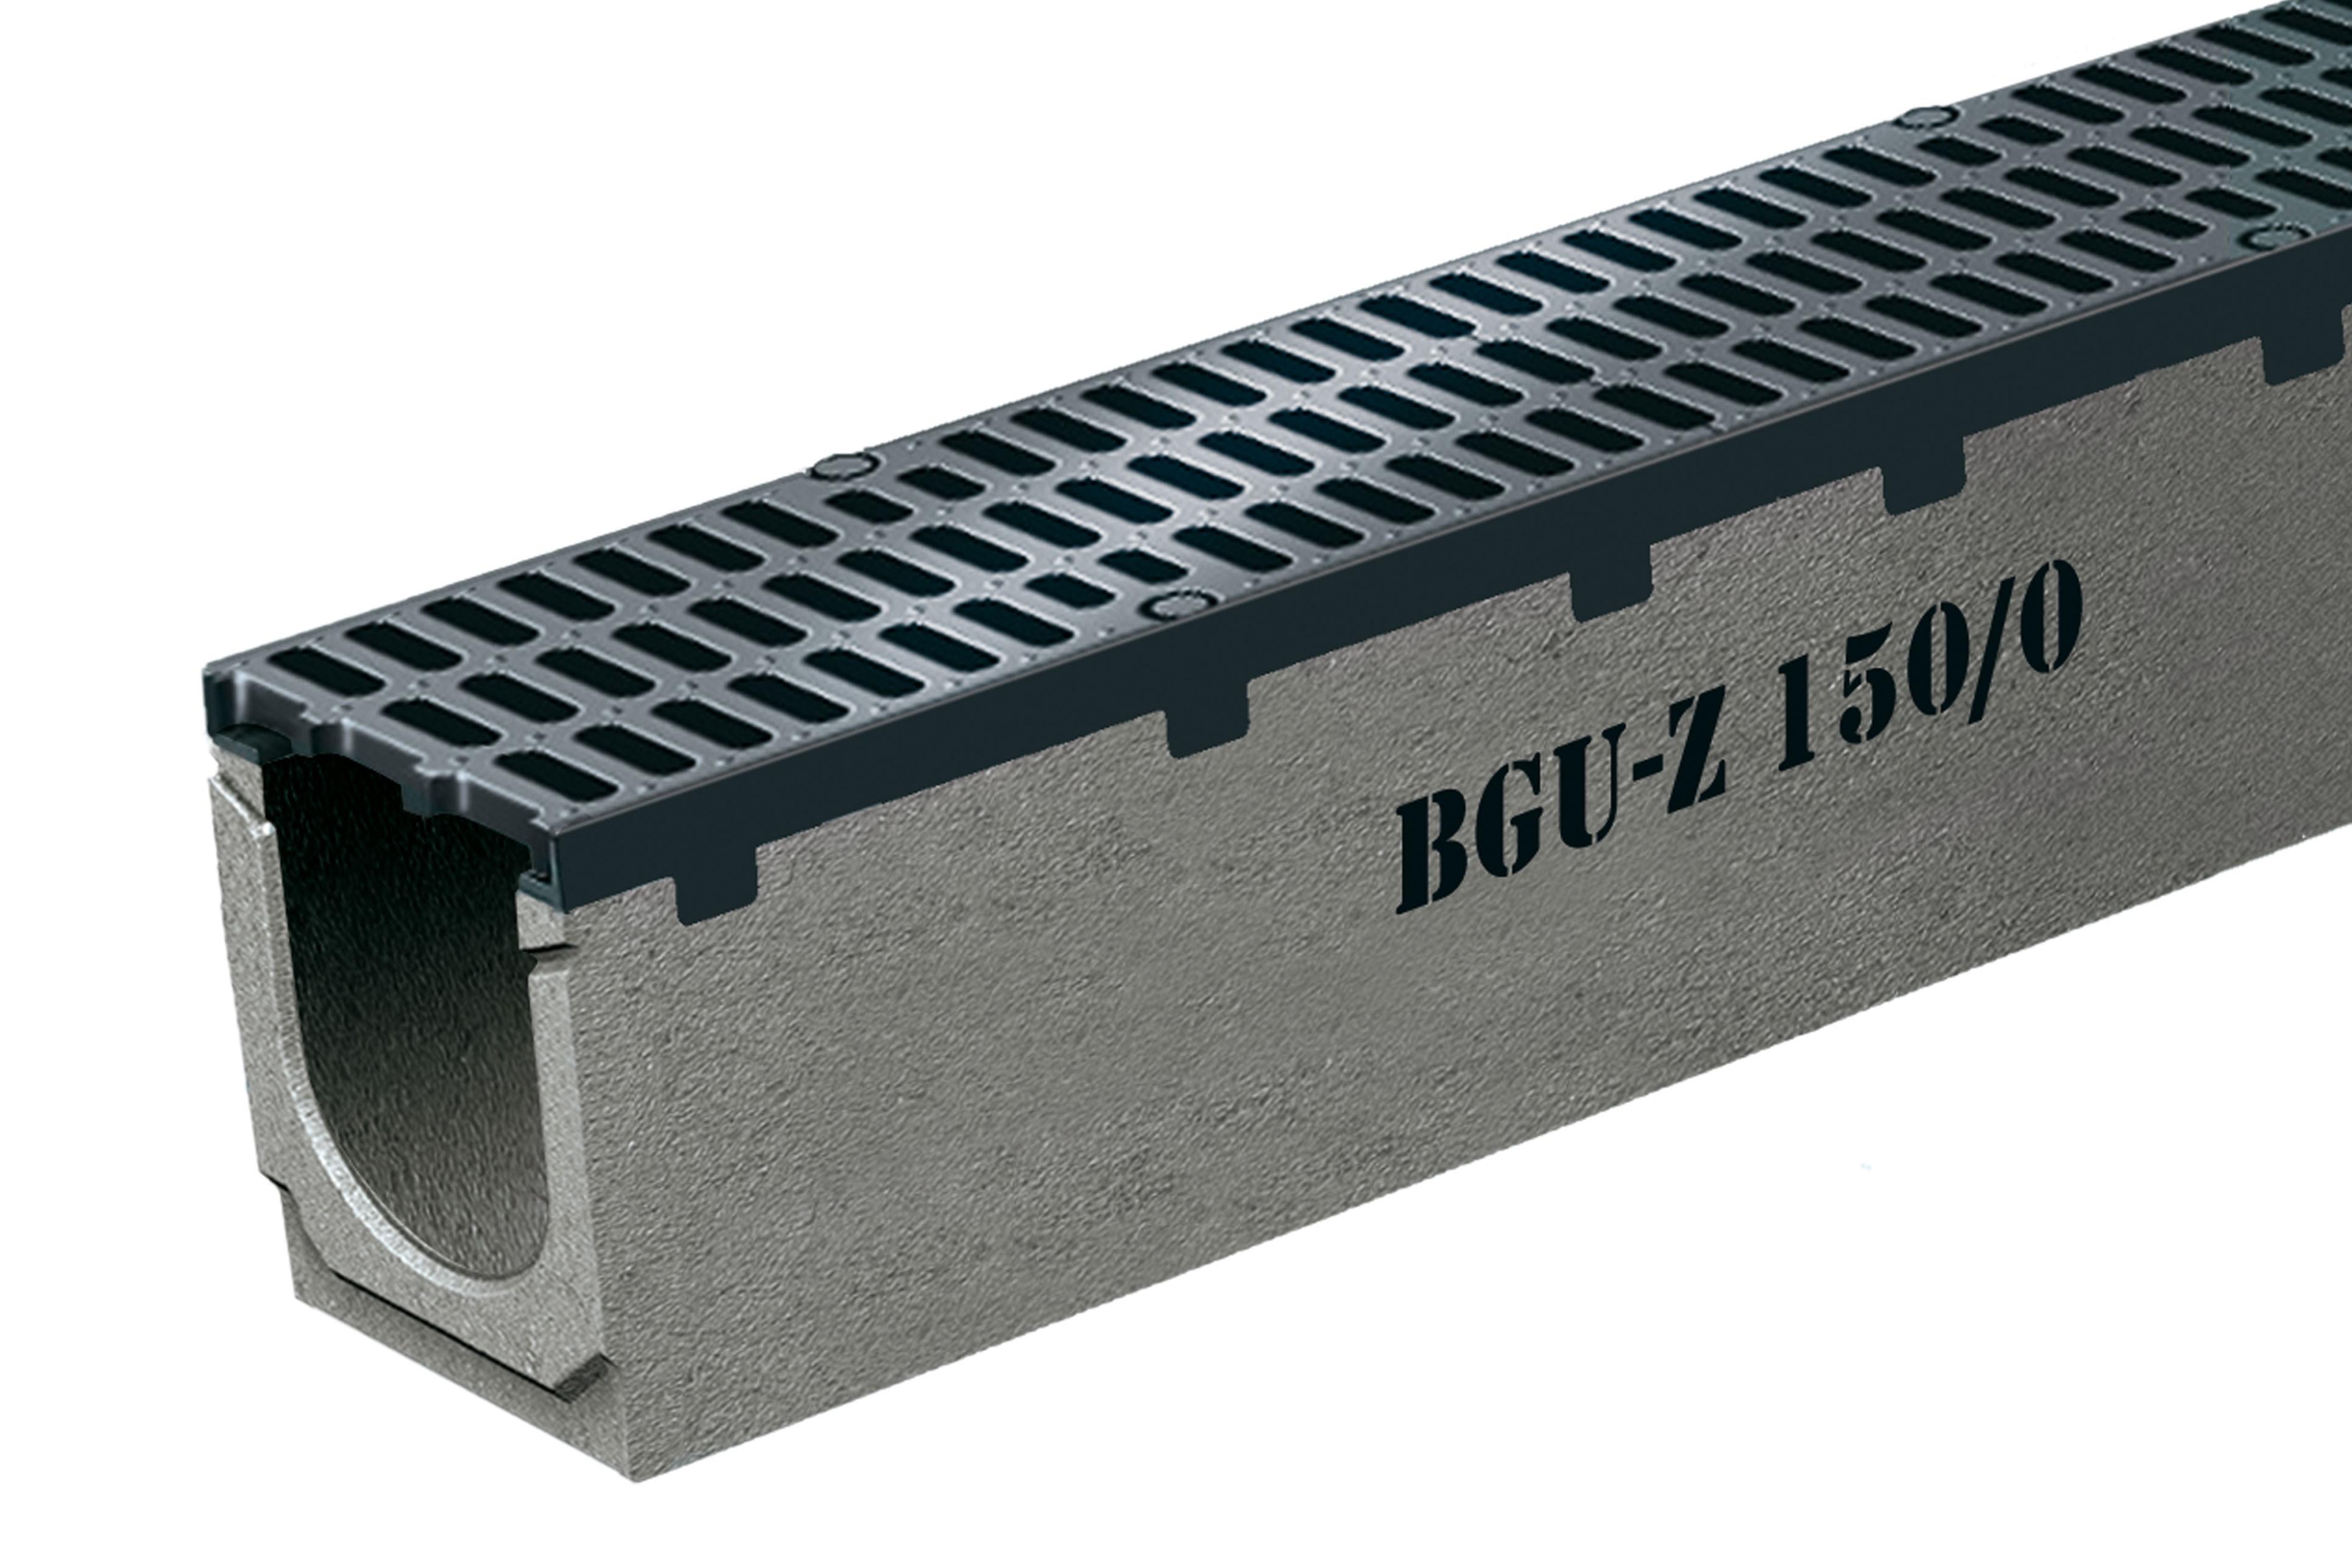 BGU-Z 150